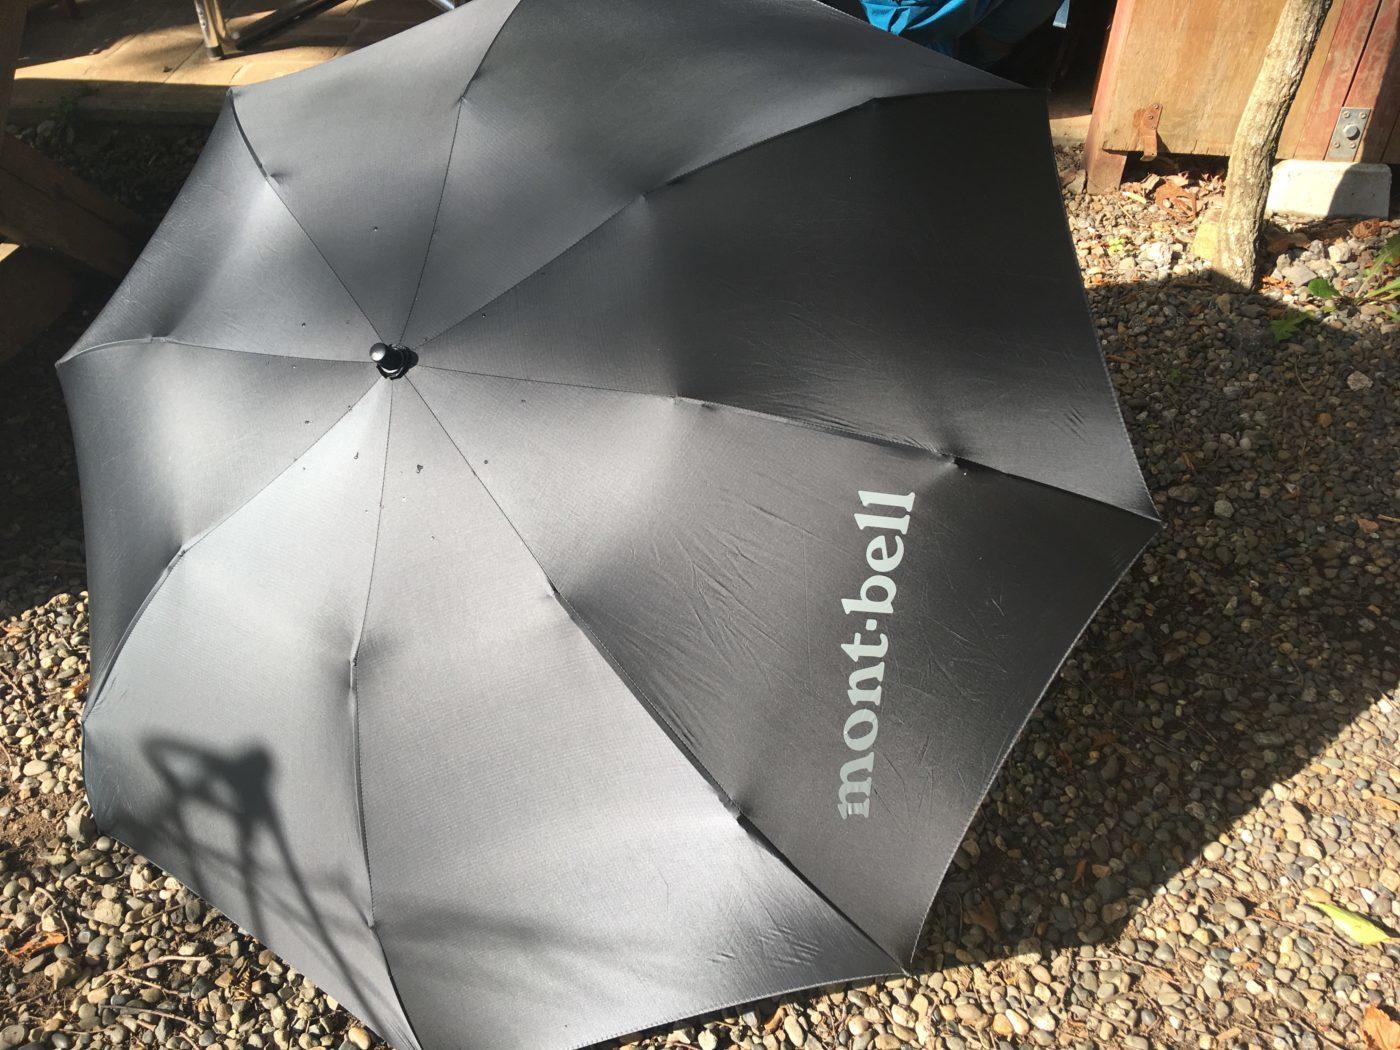 傘 モンベル 折りたたみ 89gの超軽量折り畳み傘「モンベル トラベルアンブレラ」が海外旅行に超便利!